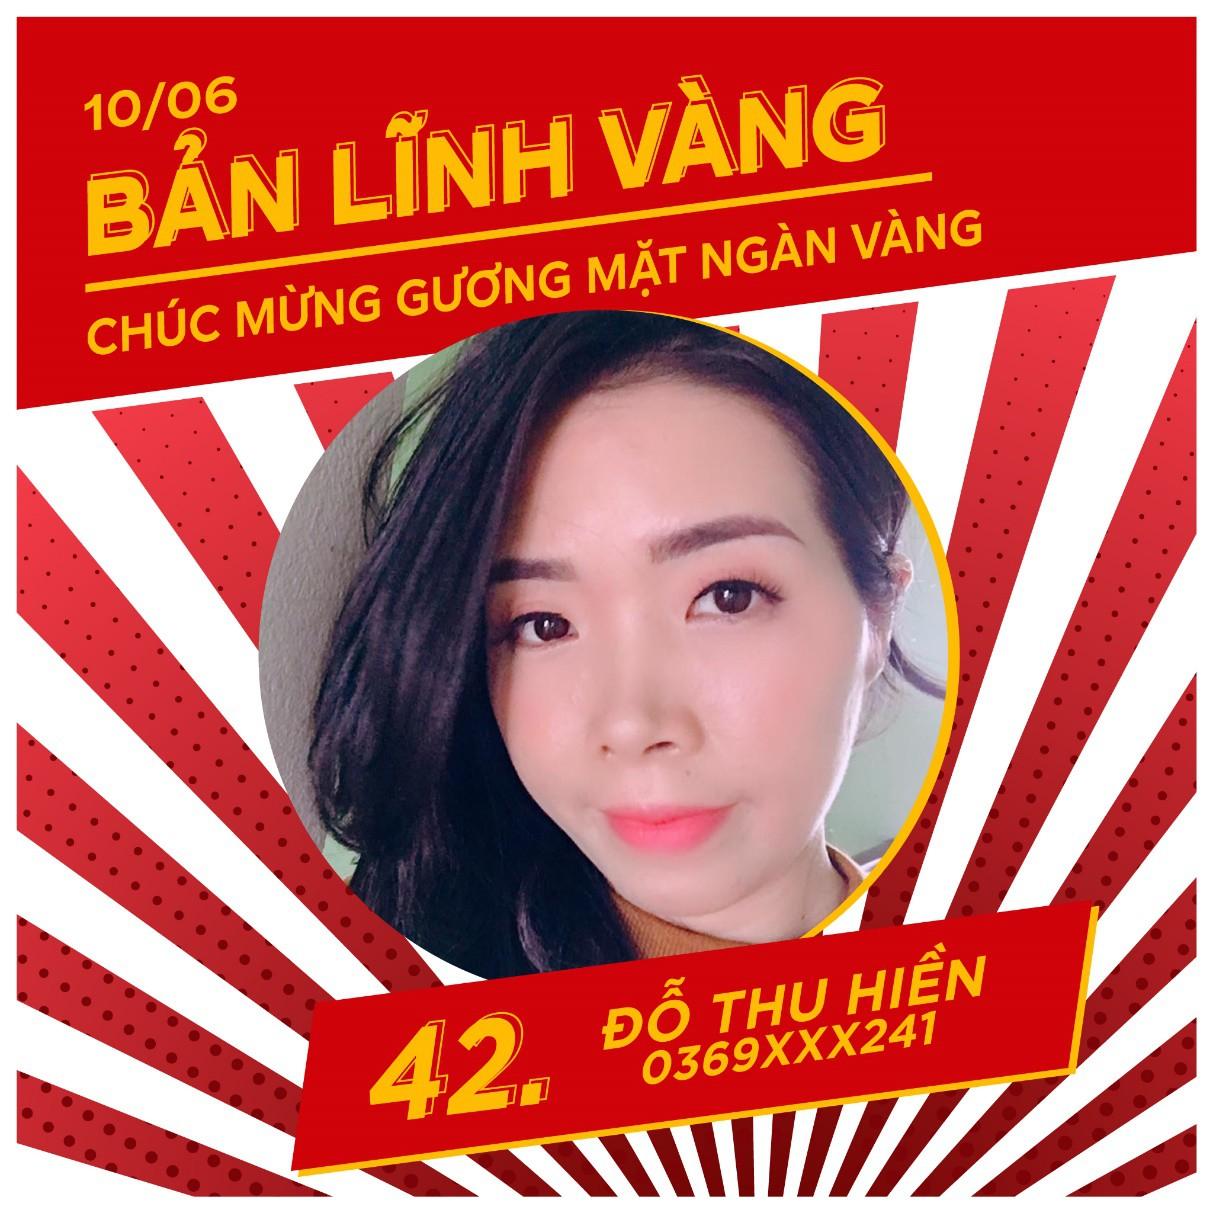 Mẹo ăn ngon cho tín đồ ẩm thực: Món Việt đúng điệu đi cùng Coca-Cola Việt - Ảnh 5.